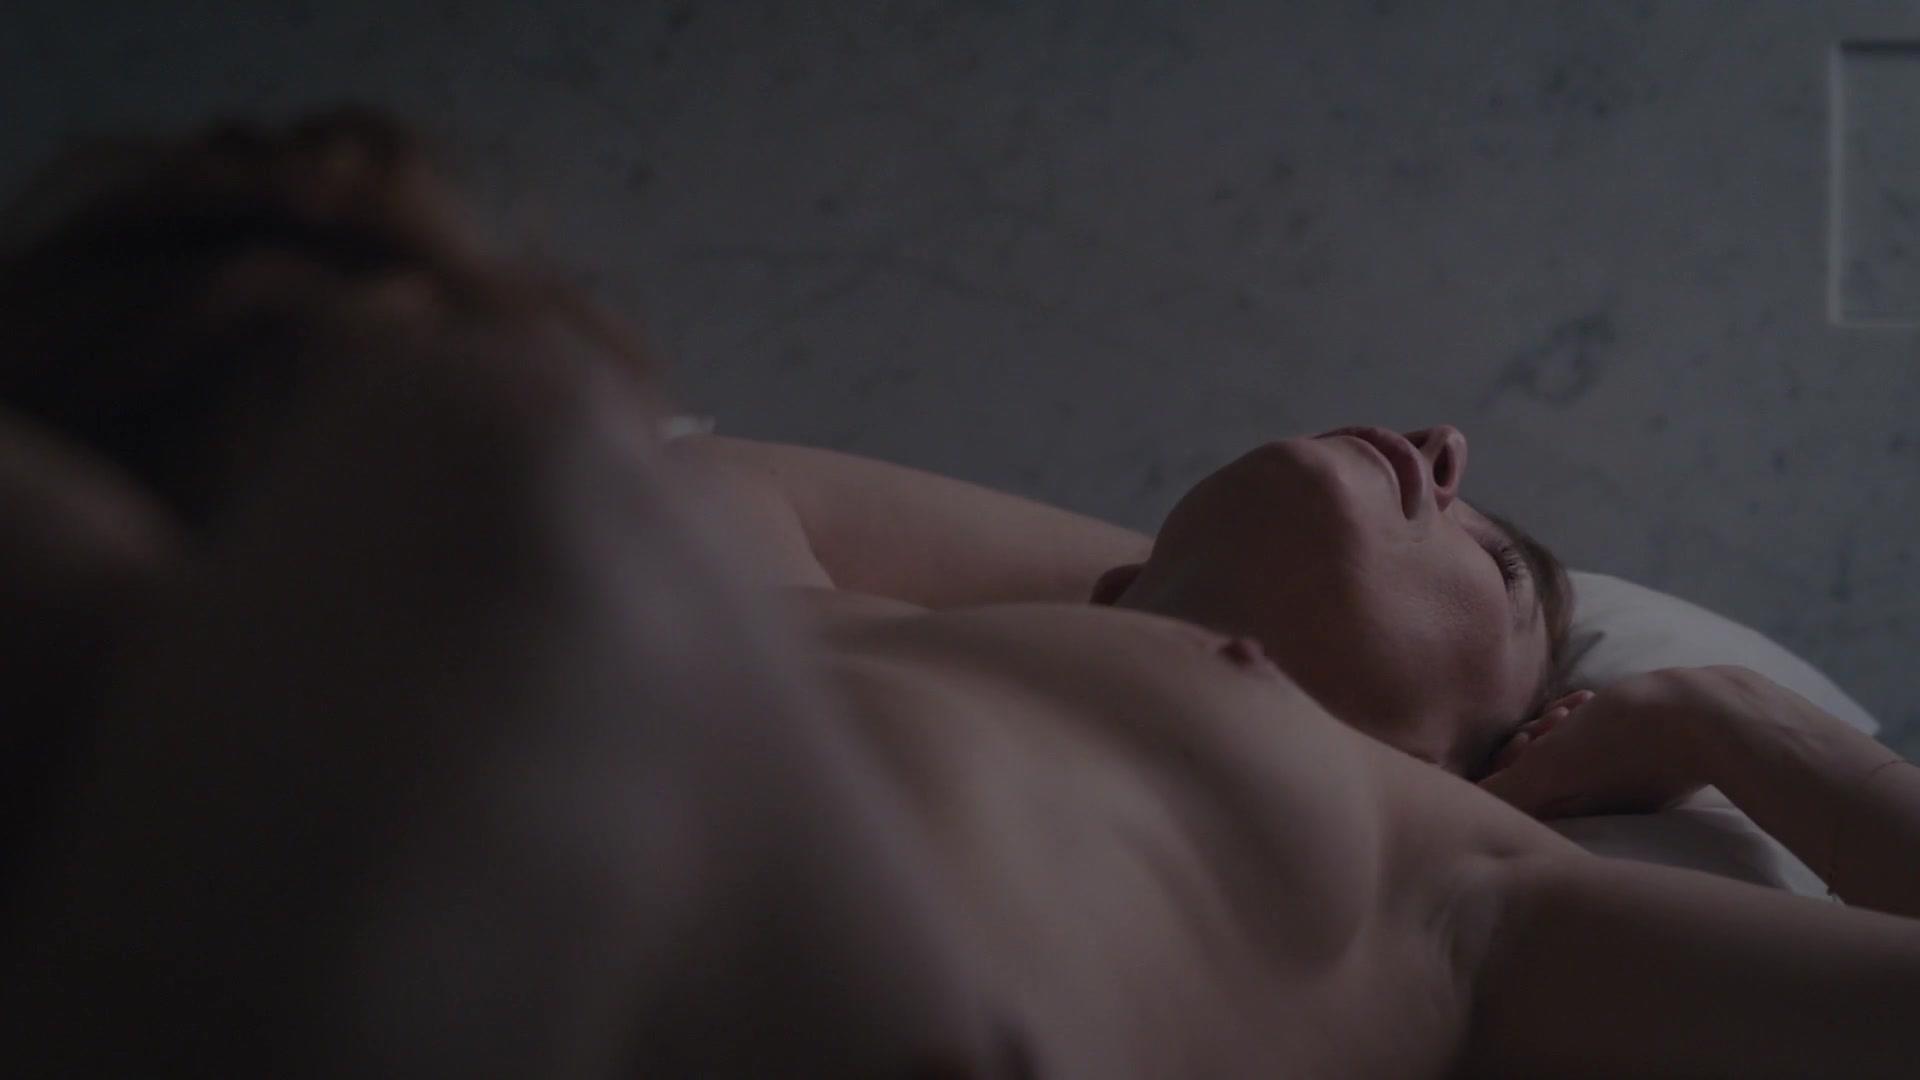 Anna friel nude scenes gif — pic 5